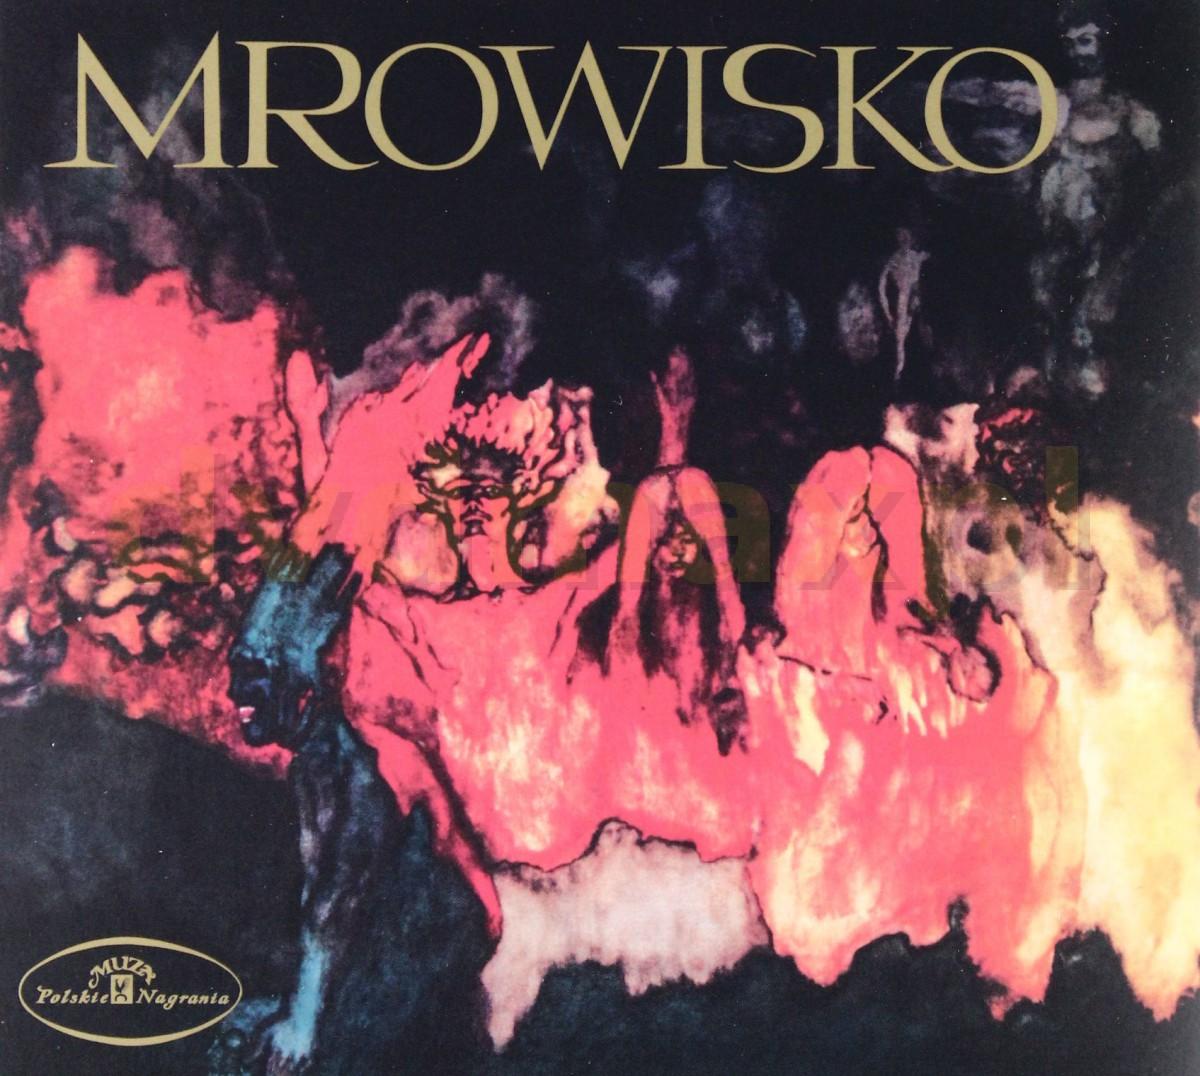 GŁĘBIE KLIMATU – KLAN, MROWISKO (1971)